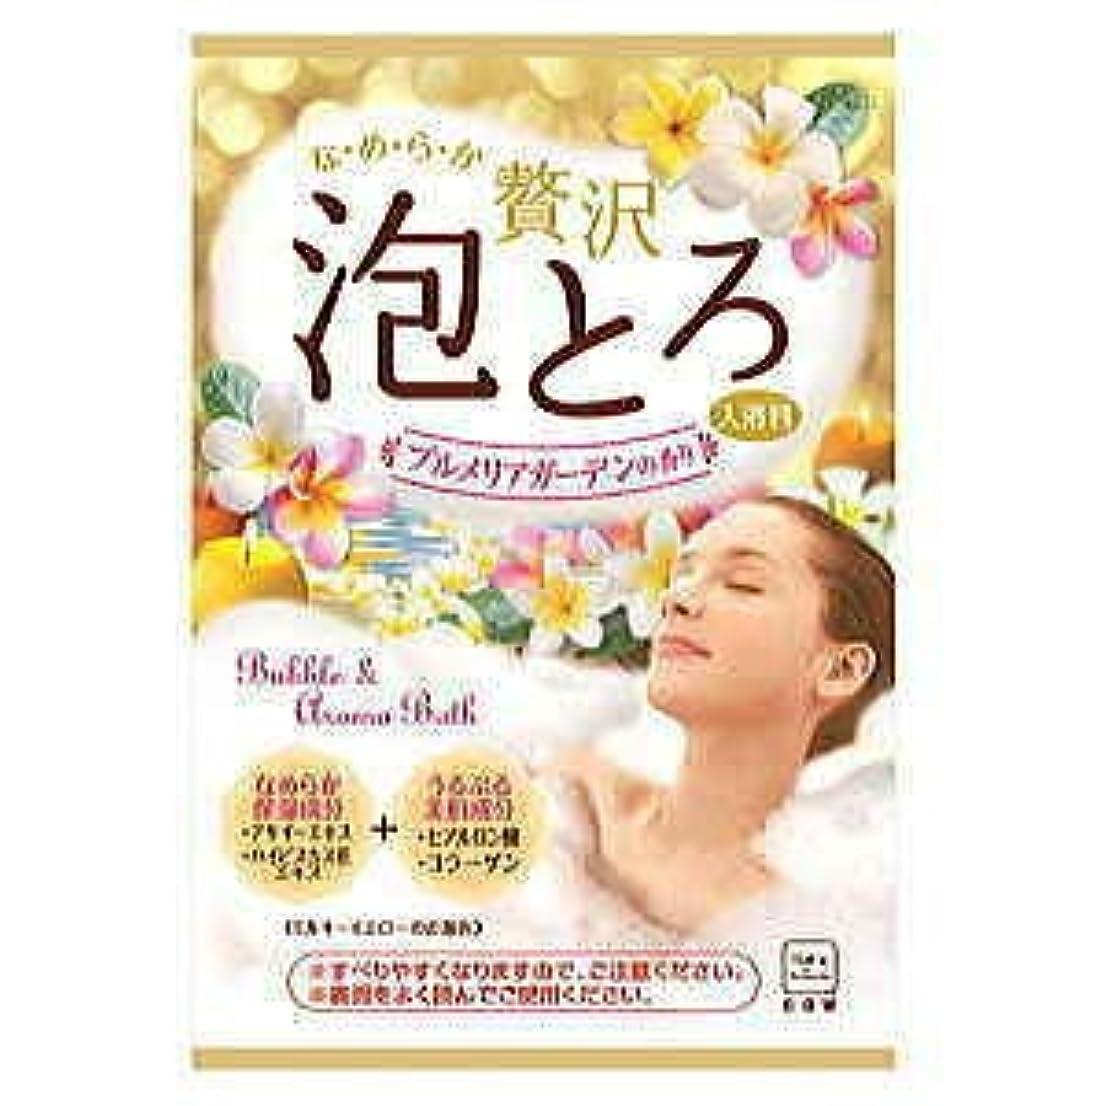 私費やす性交牛乳石鹸 お湯物語 贅沢泡とろ 入浴料 プルメリアガーデン 30g 16個セット